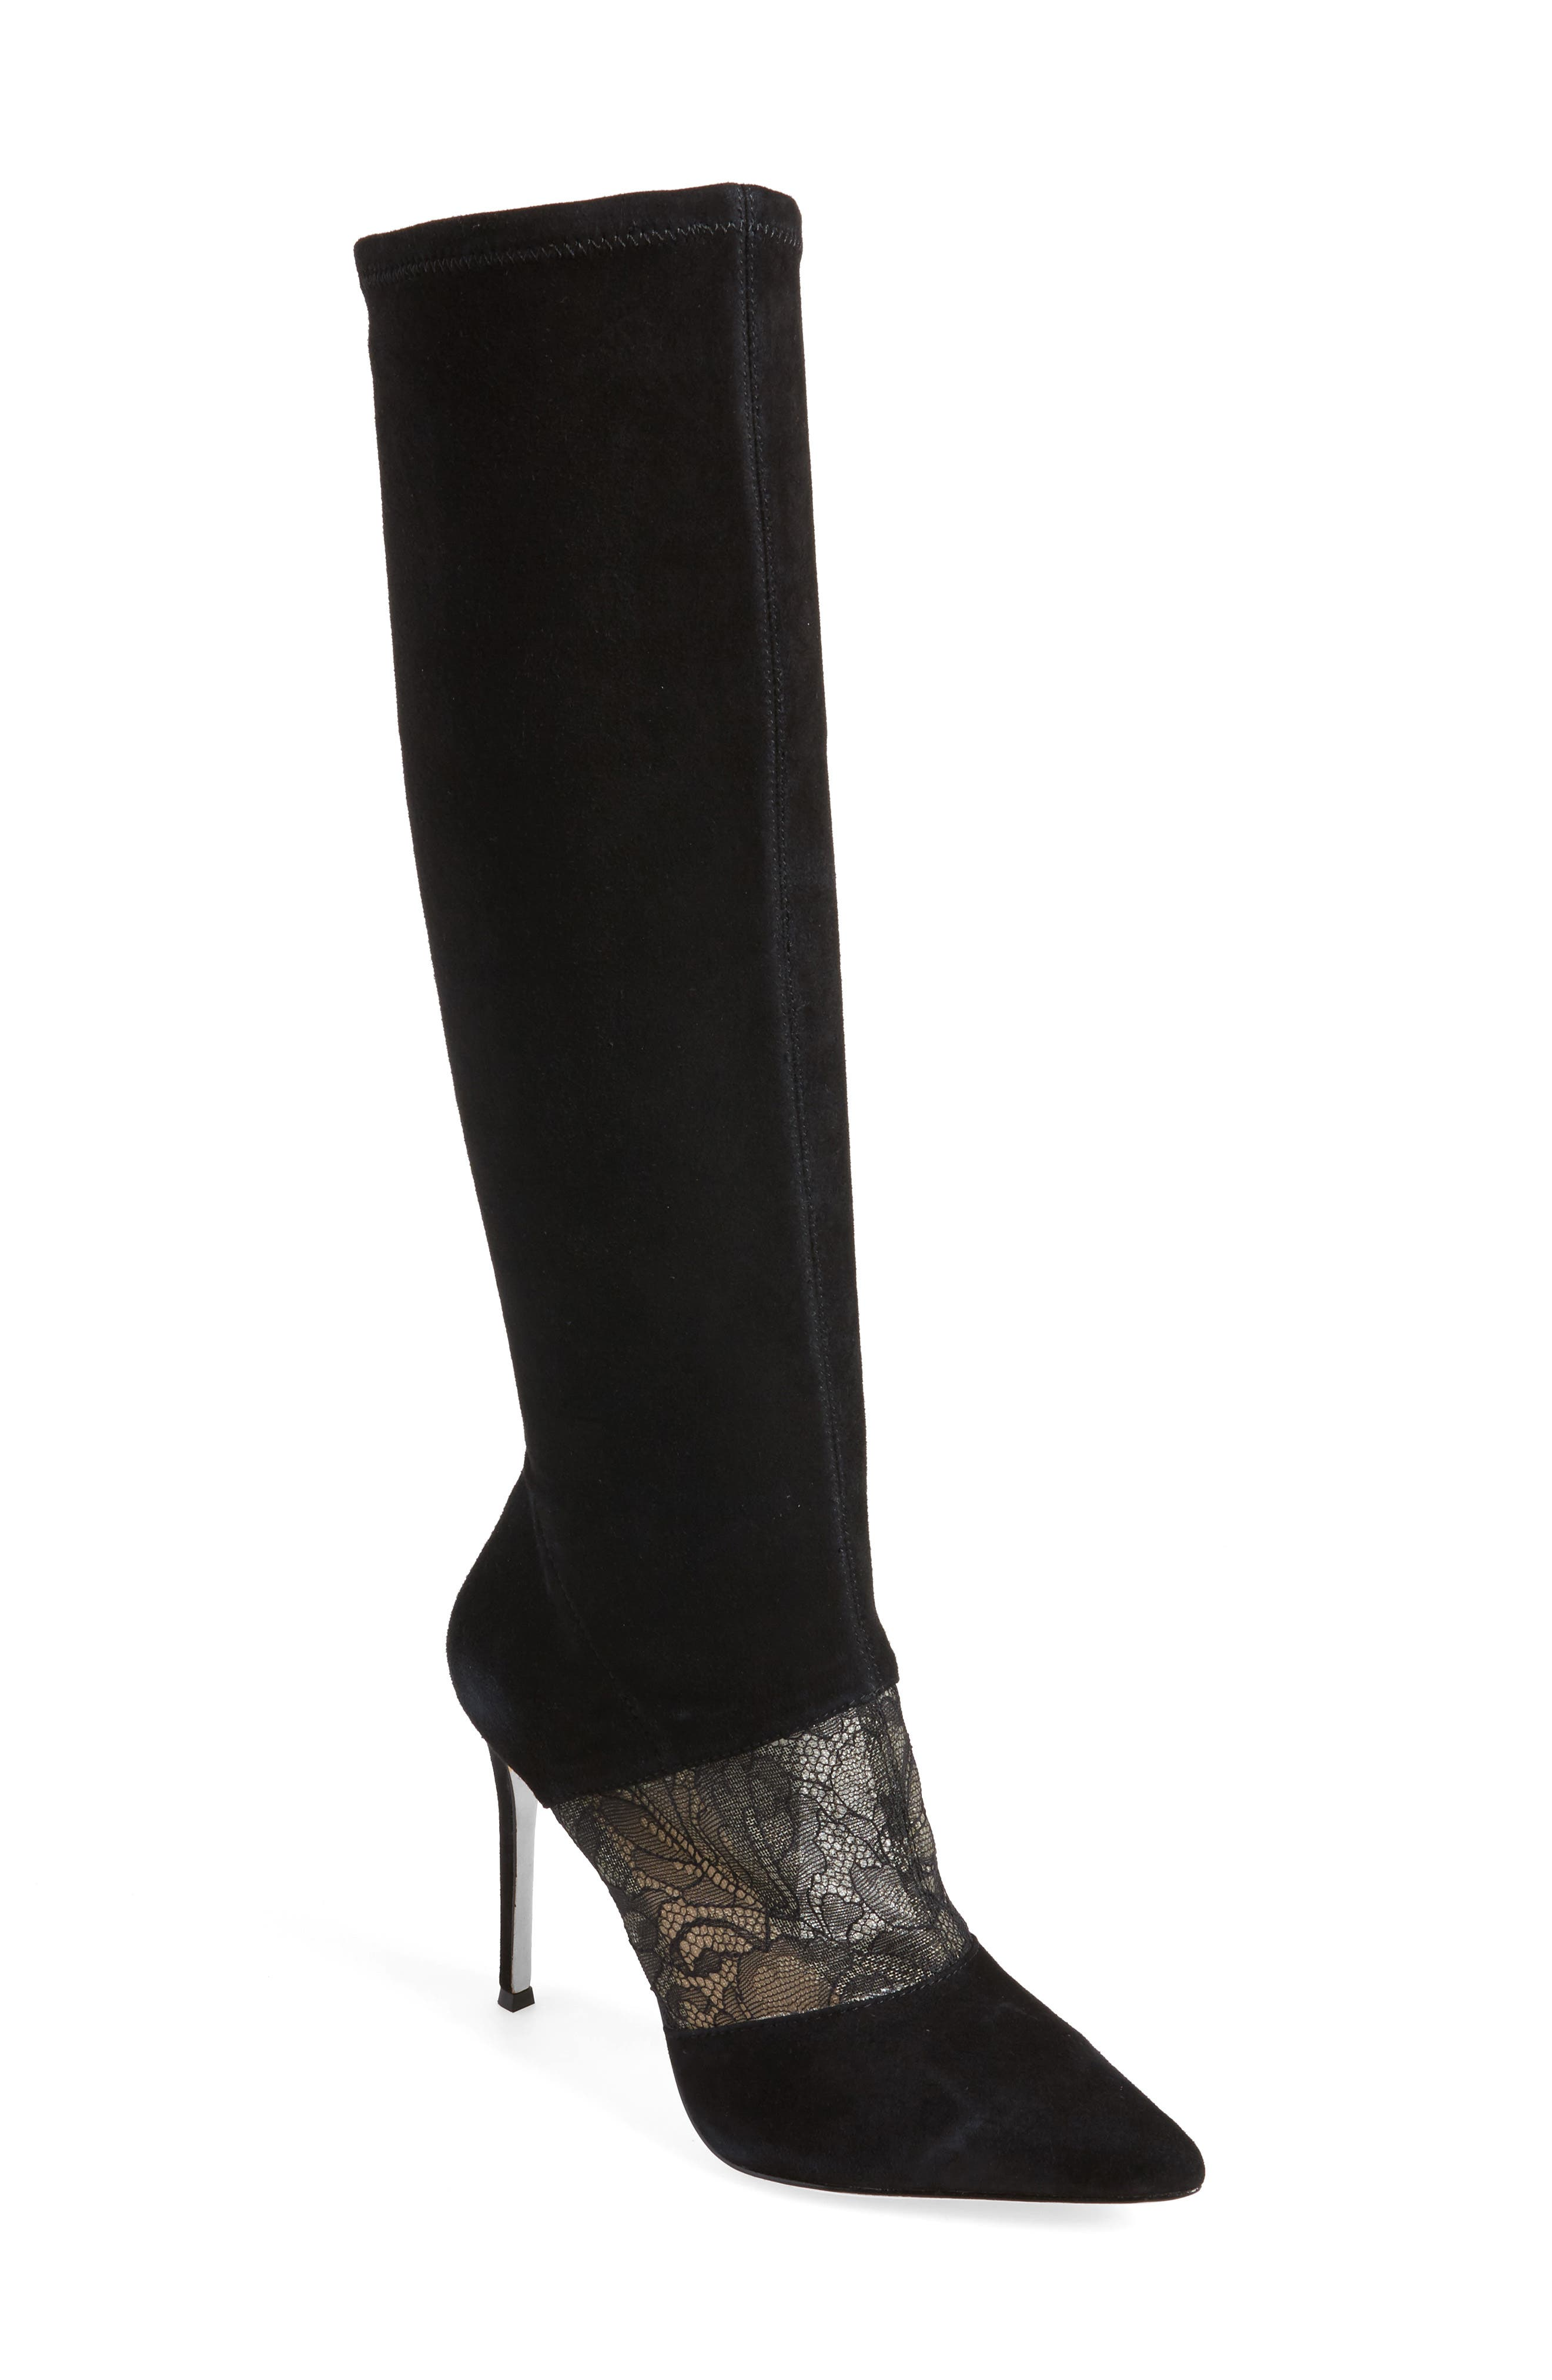 Alternate Image 1 Selected - Pour la Victoire Ceri Boot (Women)